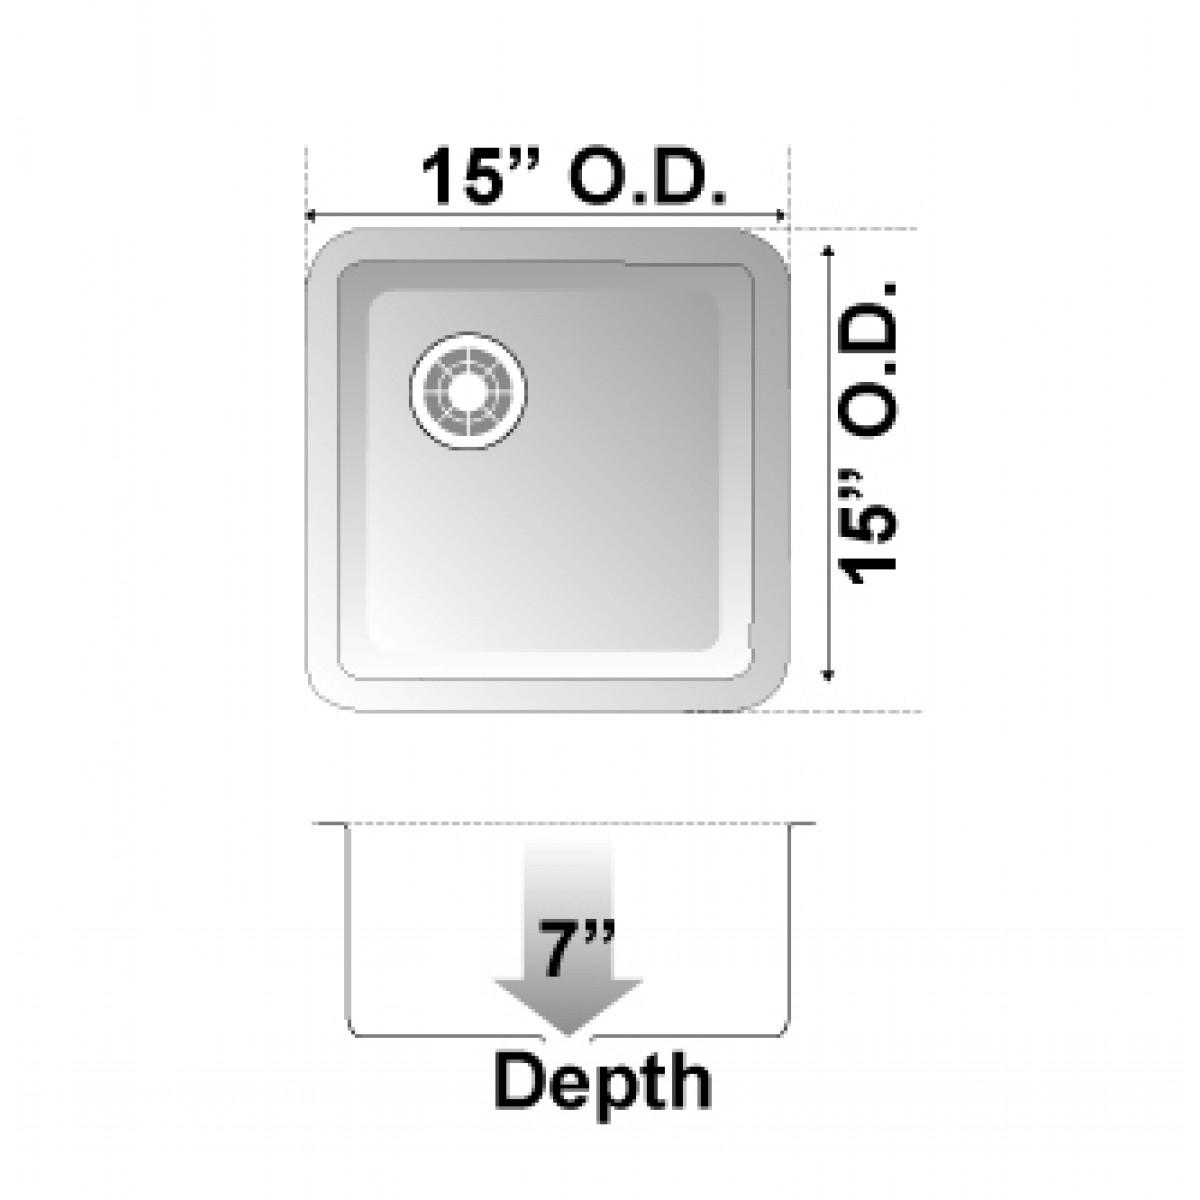 Beige Quartz Composite Undermount Kitchen Sink - 14-7/8 x 14-7/8 x ...